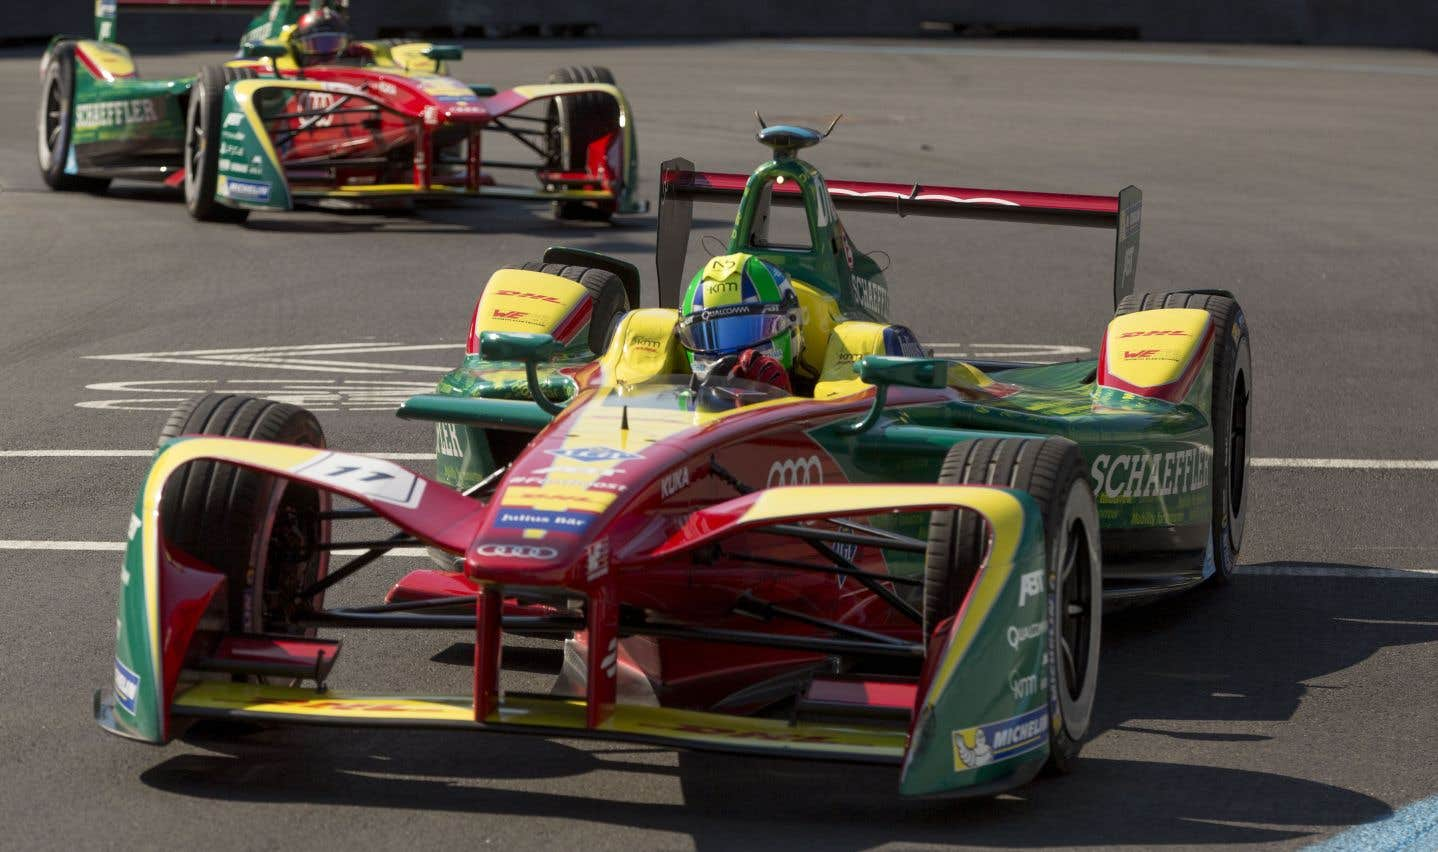 Au moins 20000 billets ont été donnés lors de la course de Formule E